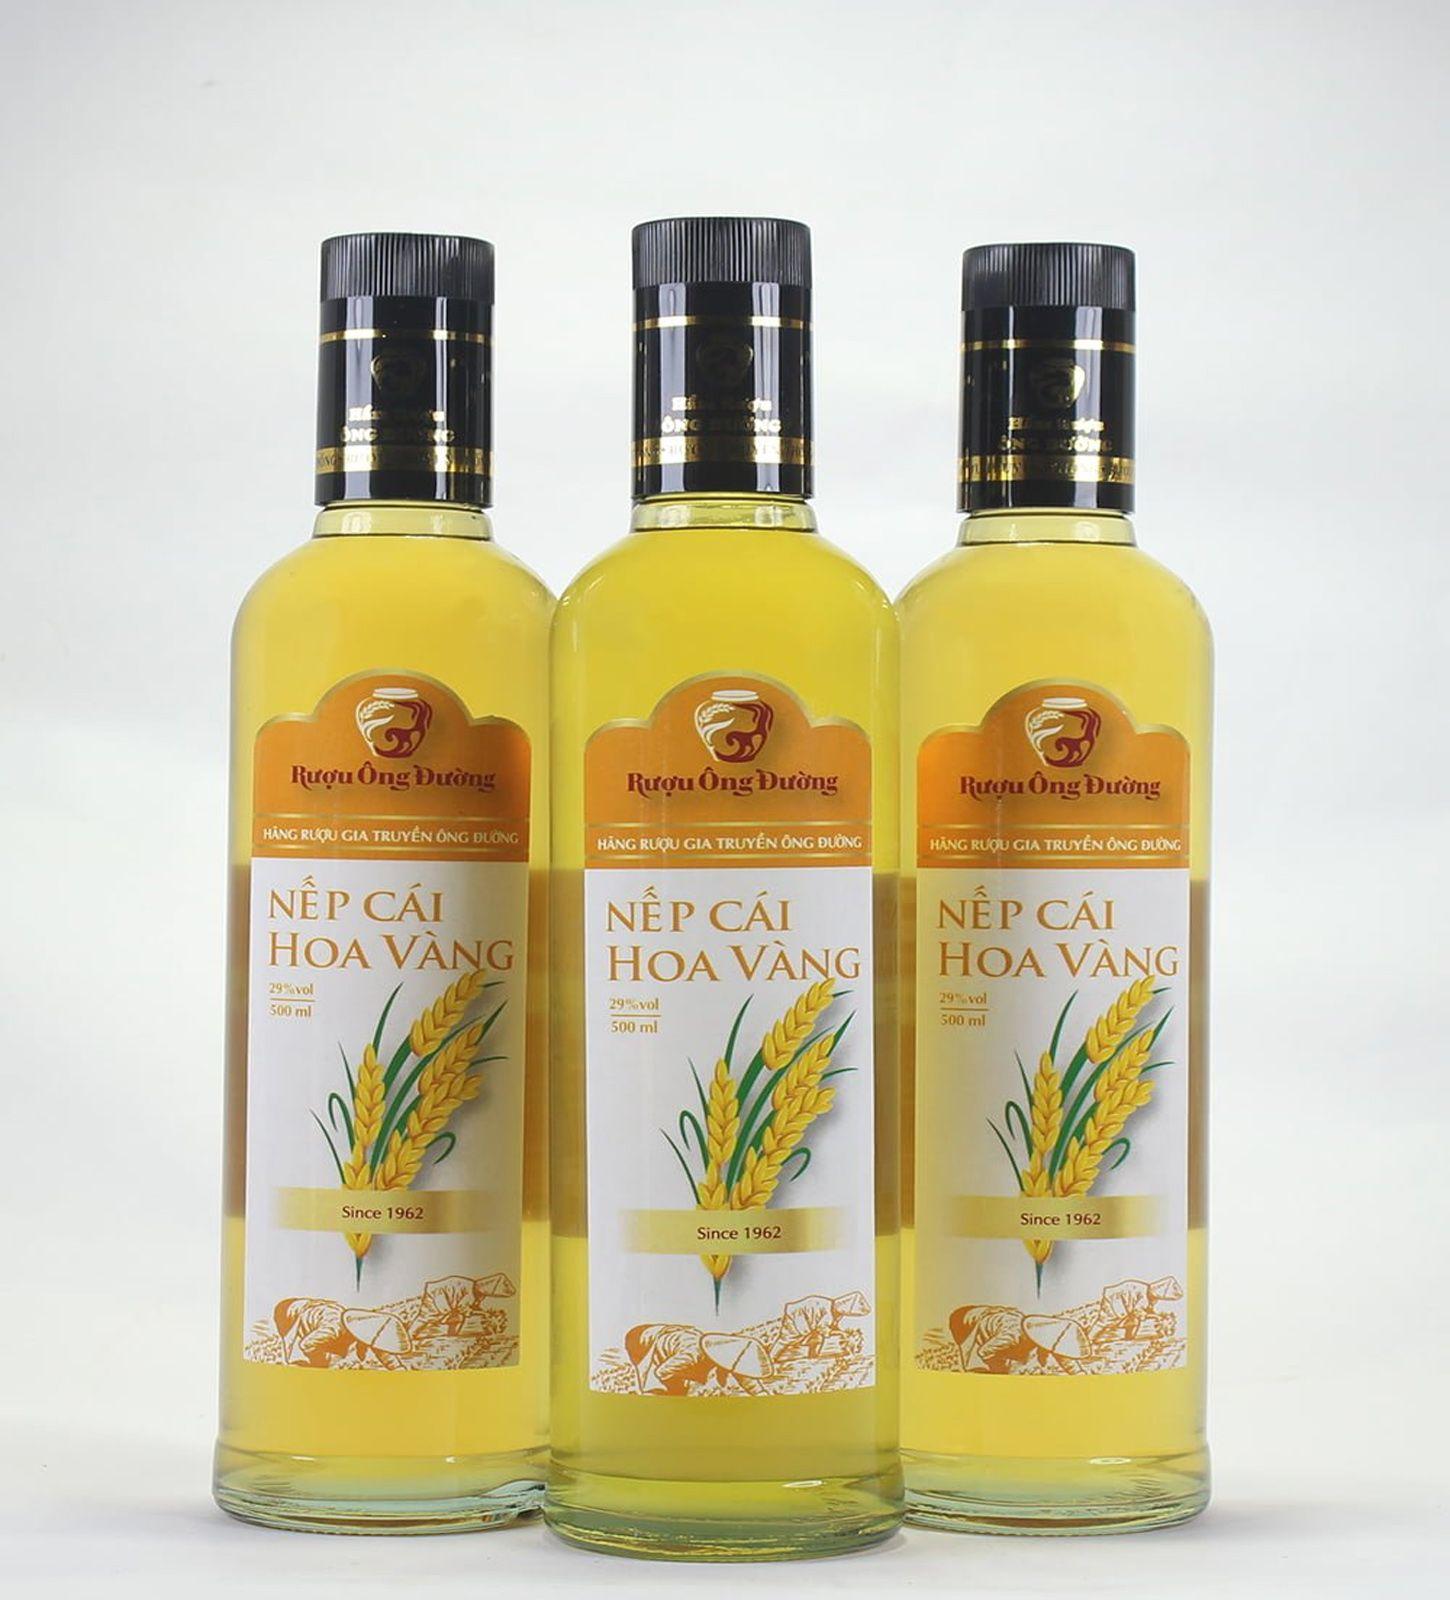 Rượu nếp cái hoa vàng Hải Phòng